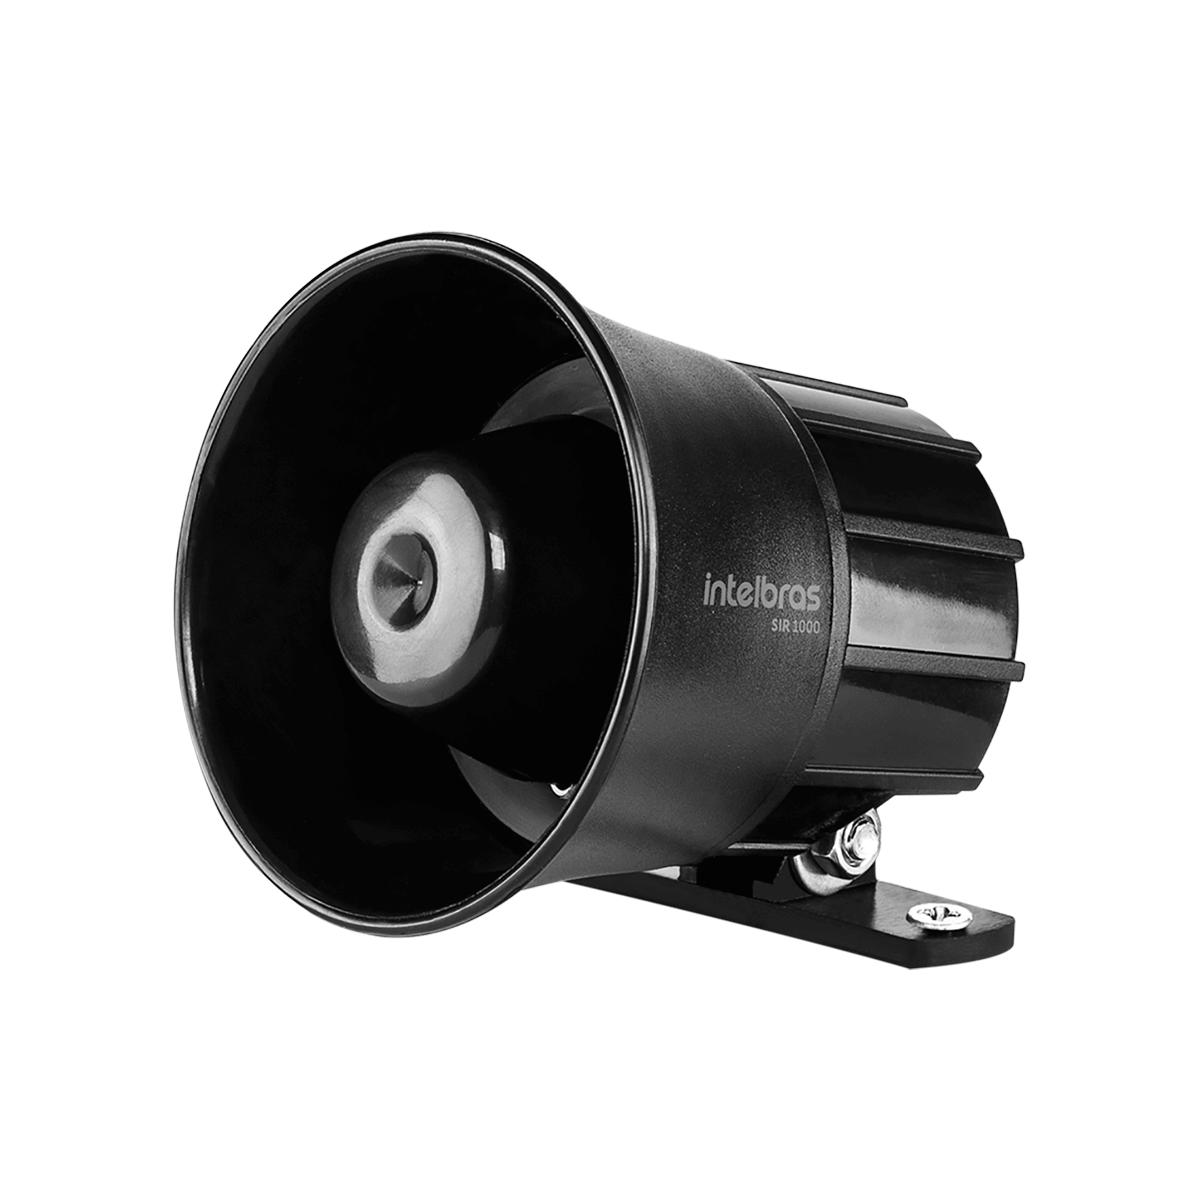 Sirene Com Fio 9 a 15 VDC105 dB para Sistema de Segurança SIR 1000 Preta Intelbras